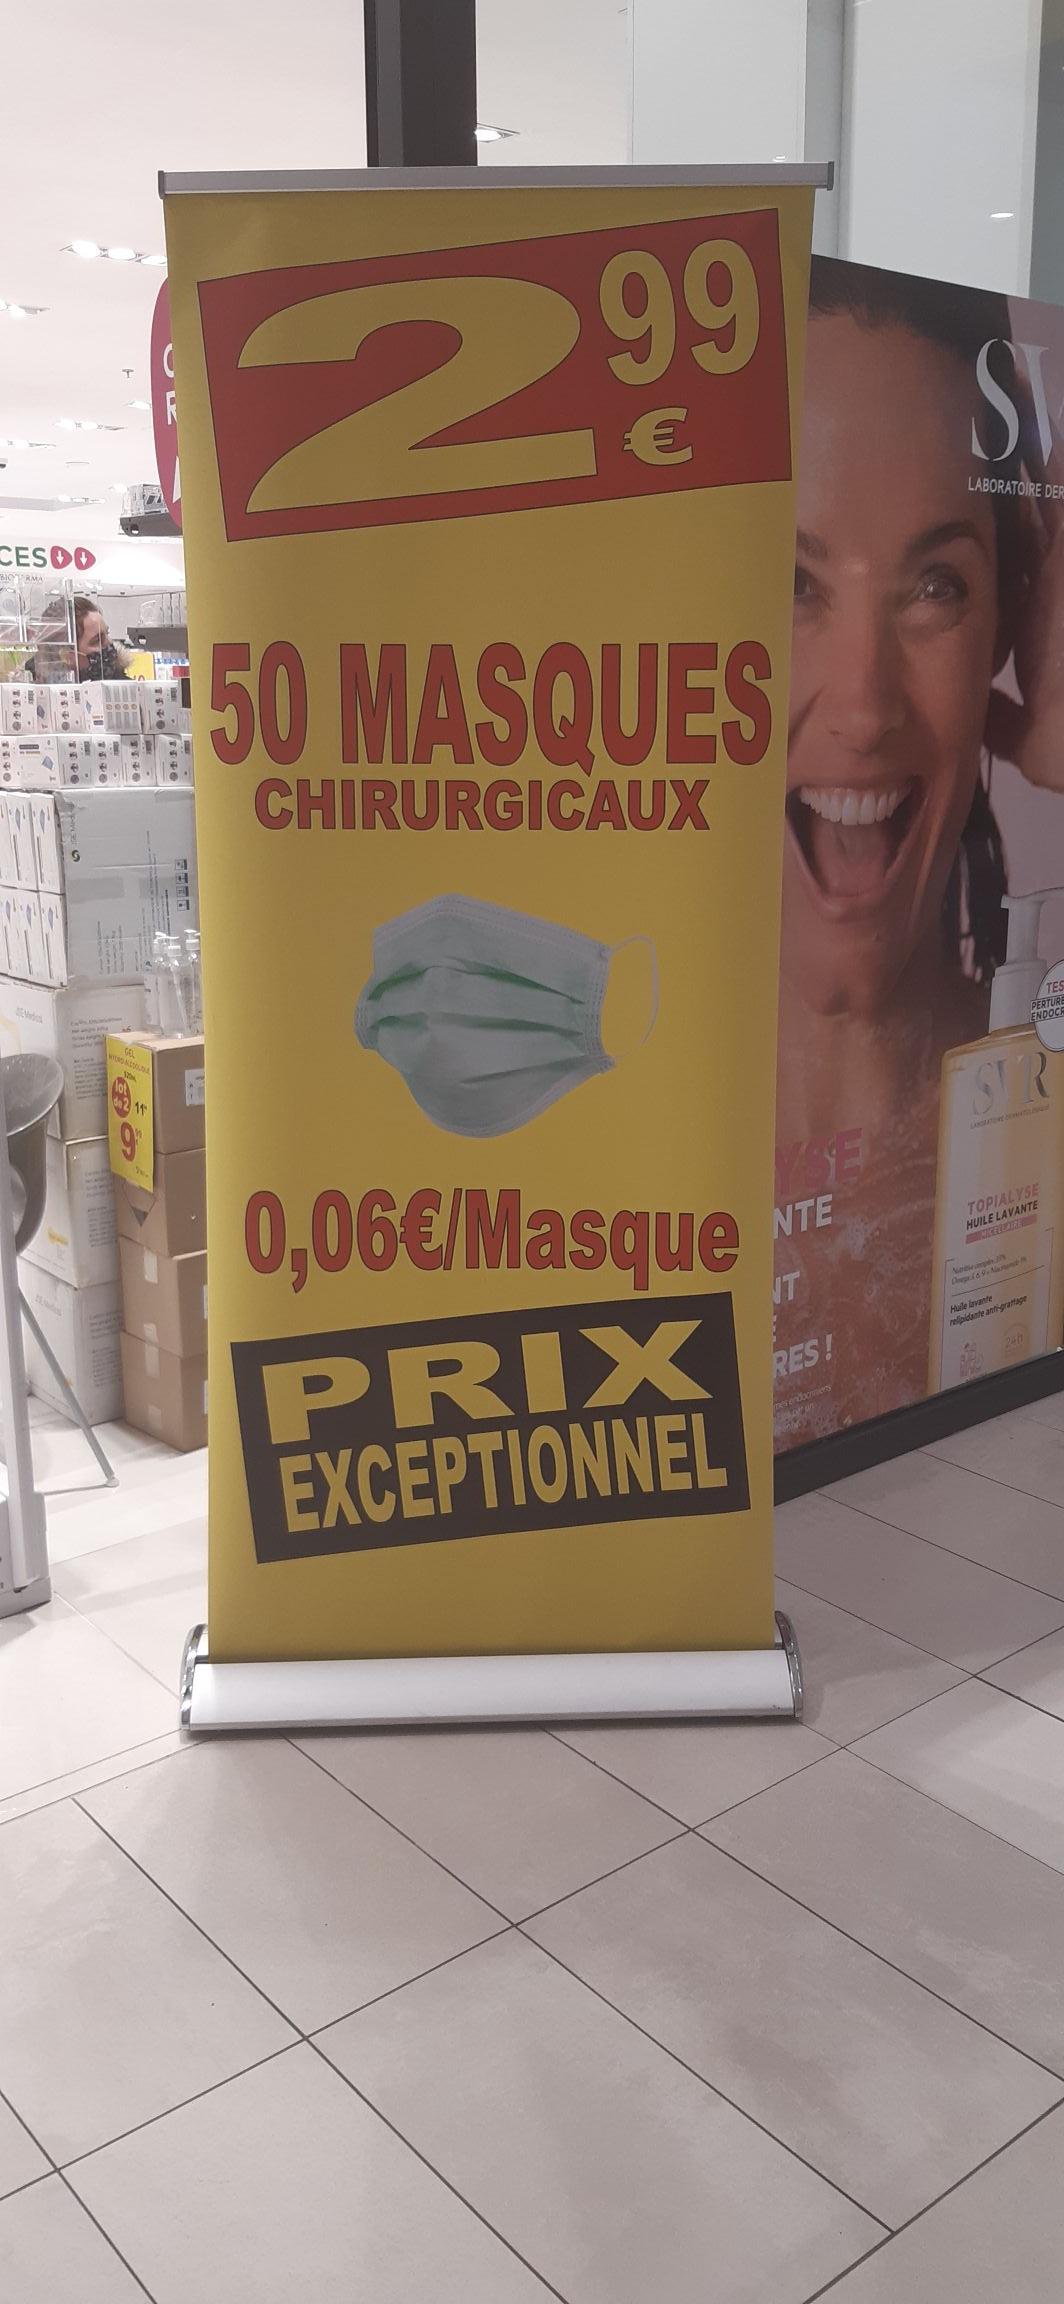 Boîte de 50 masques chirurgicaux - Pharmacie du centre commercial Carrefour Athis-Mons (91)